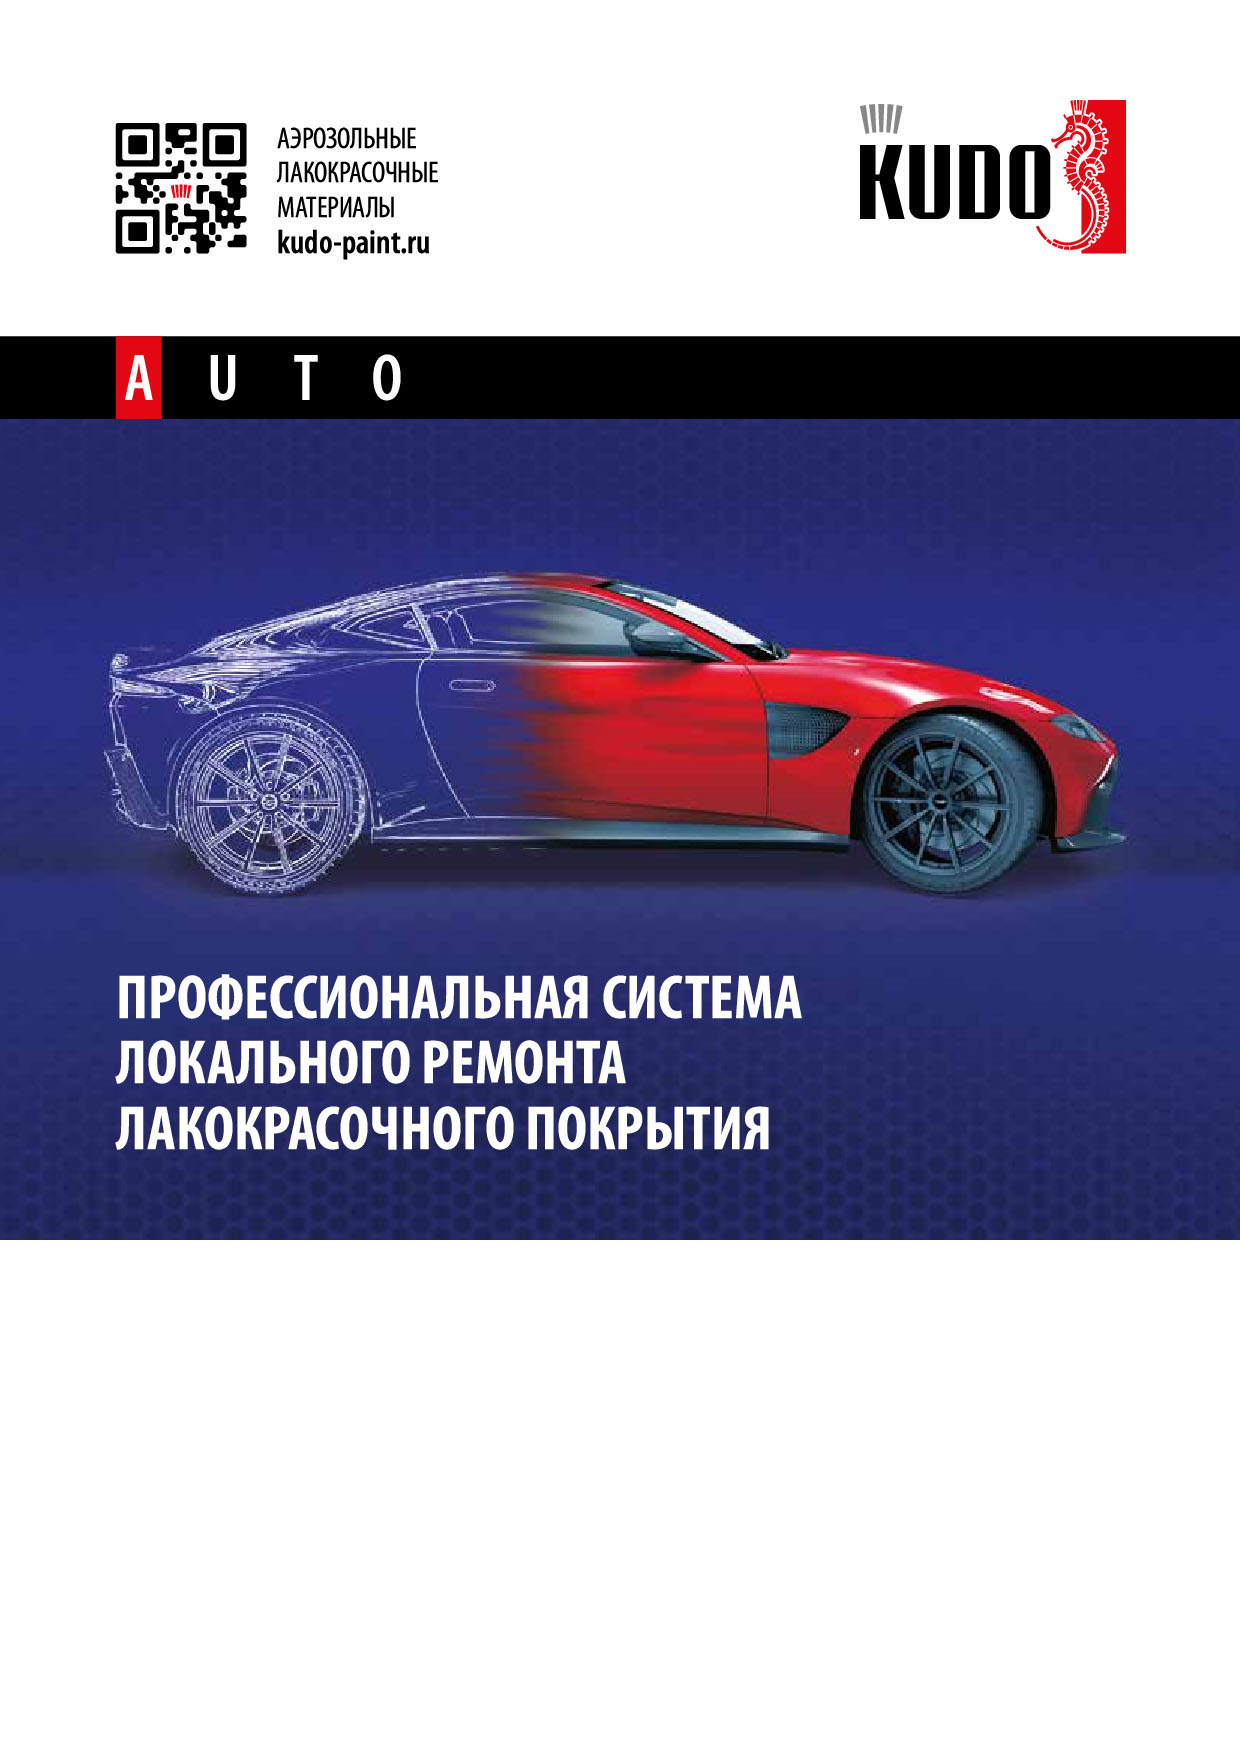 Каталог бренда KUDO - Авто